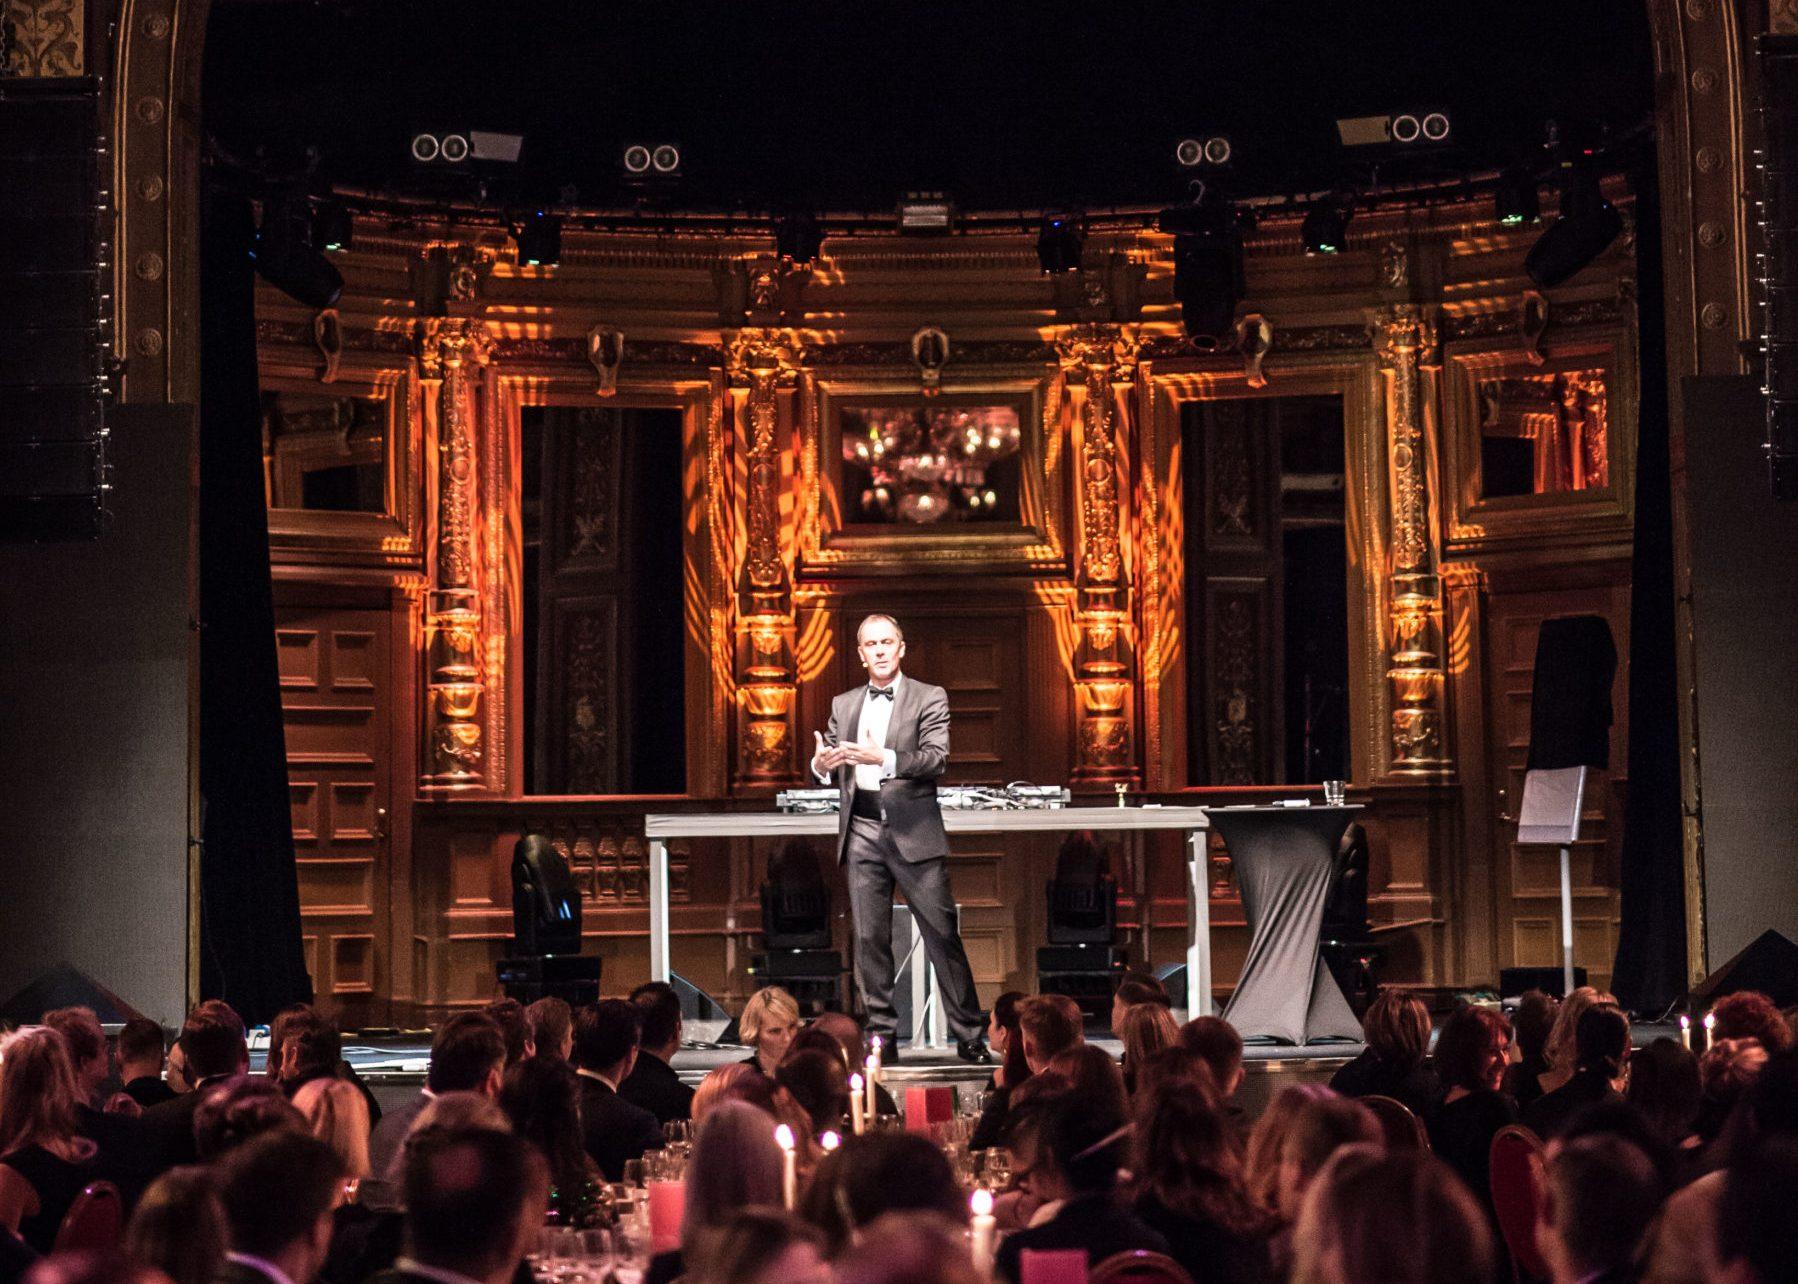 Välj rätt konferensanläggning i stockholm och planera lekfulla aktiviteter | SPG Event